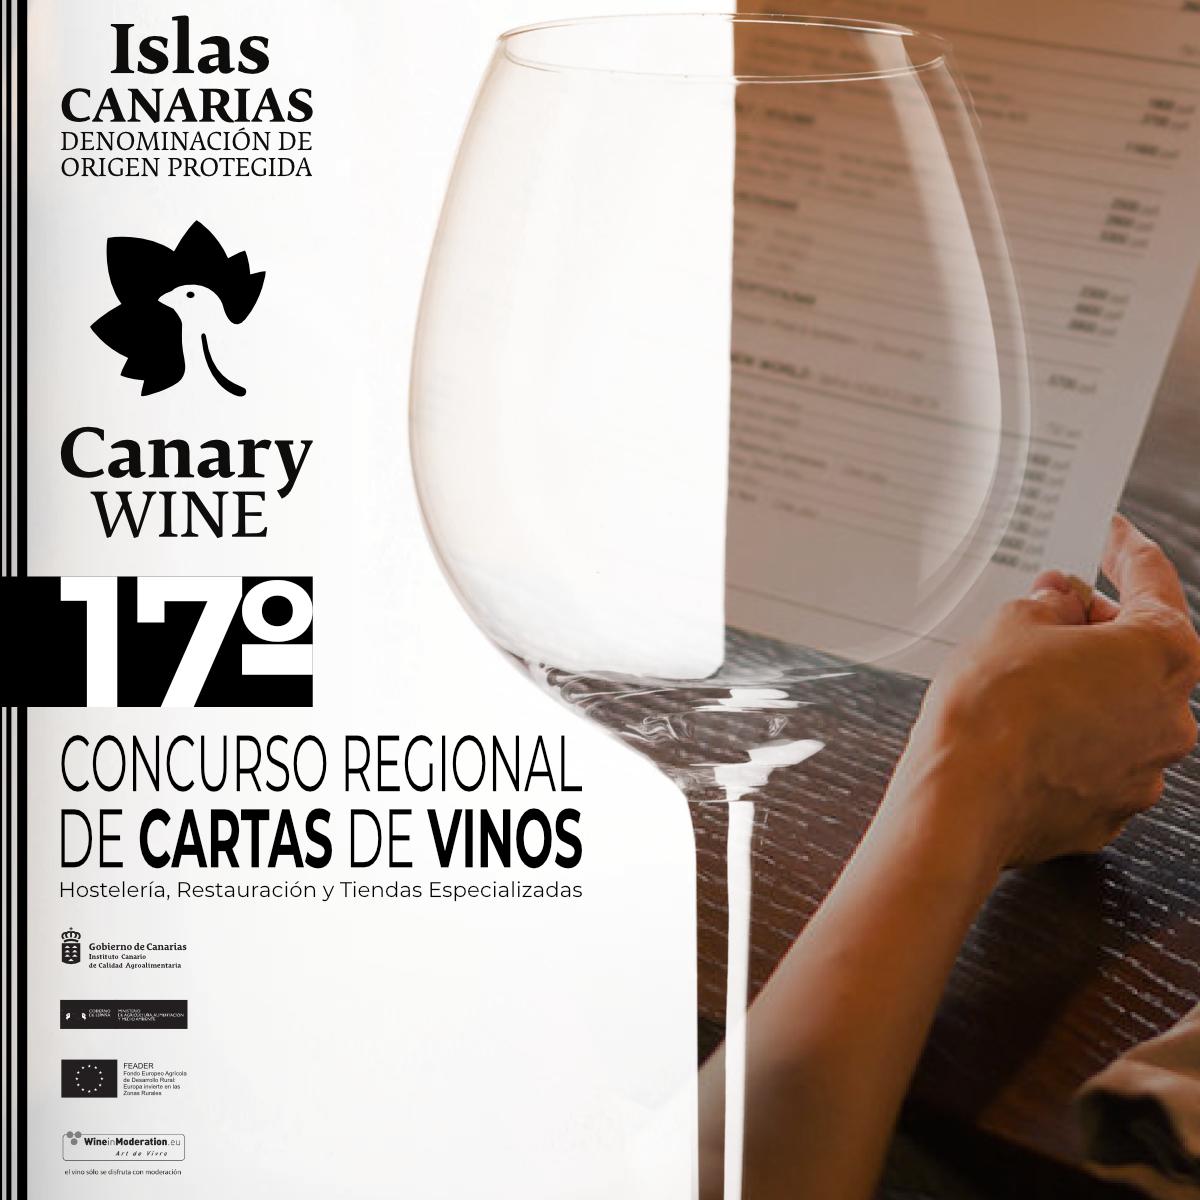 """Convocado el XVII Concurso Regional de """"Cartas de Vinos de Canarias"""" para Hostelería, Restauración y Tiendas Especializadas"""